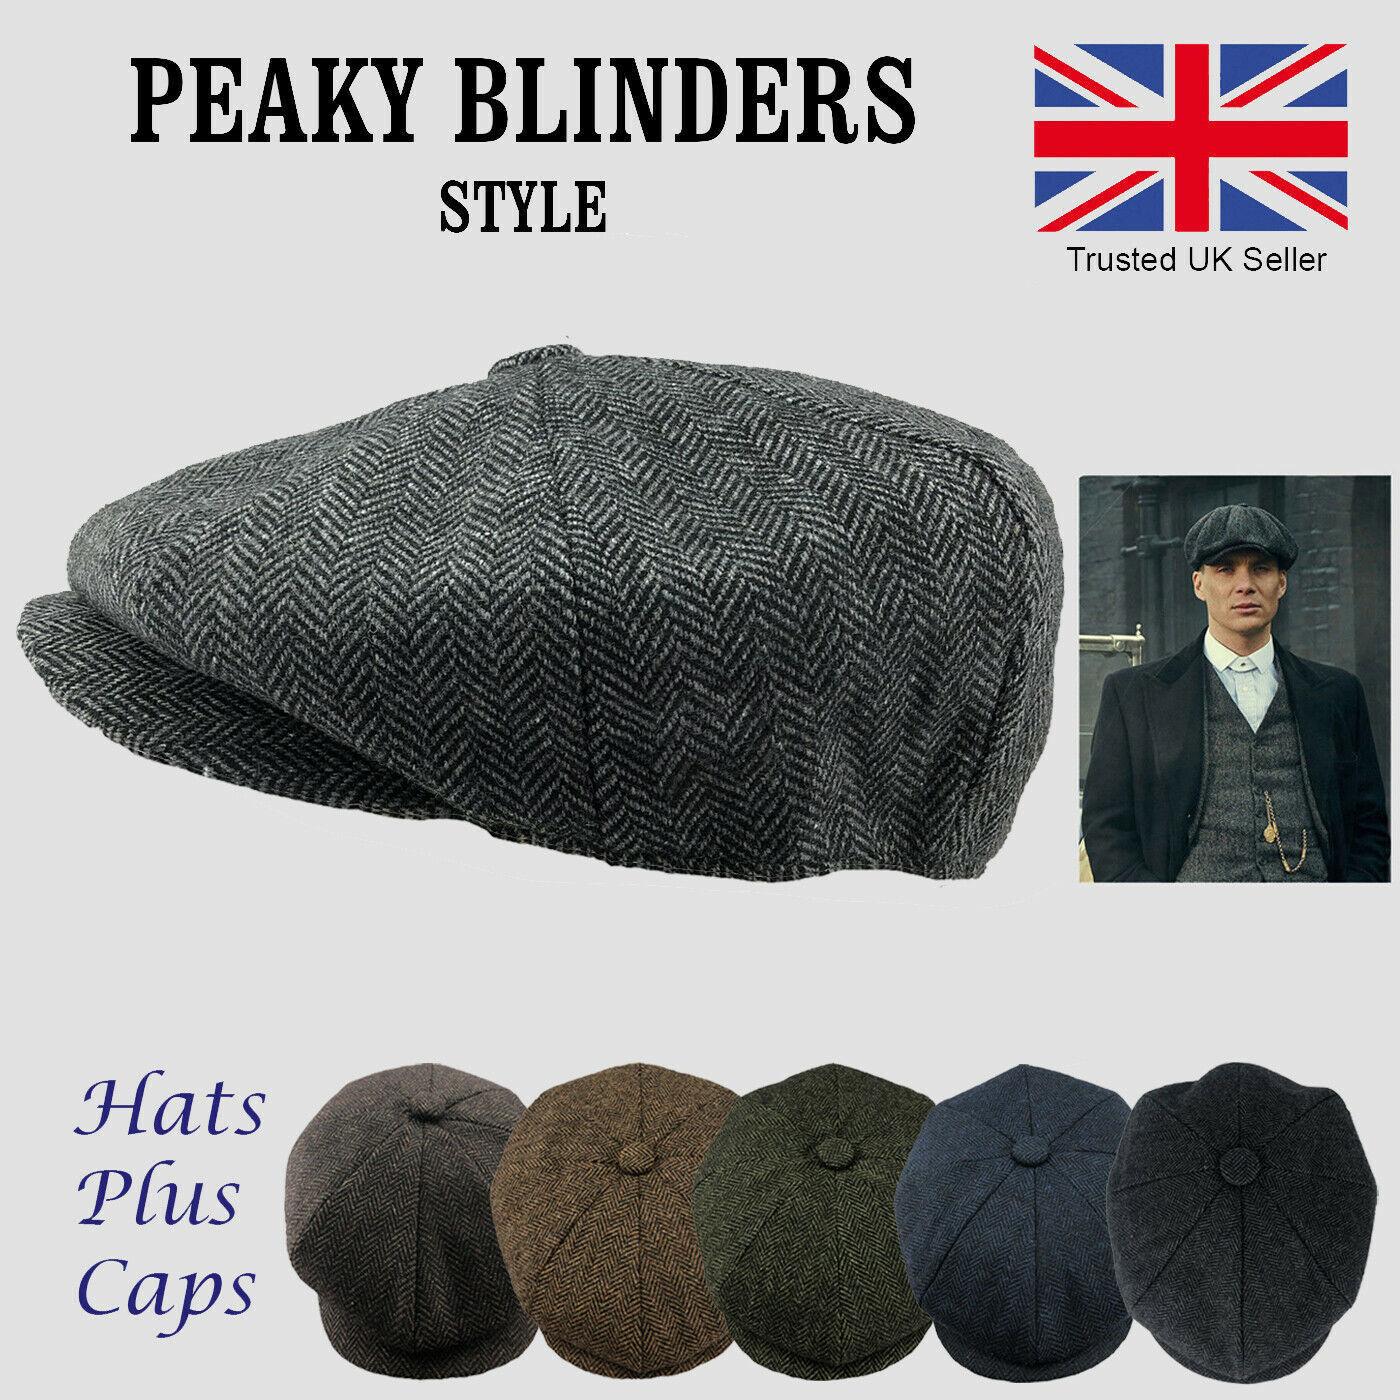 Peaky Blinders Style Hat Newsboy Flat Cap Herringbone Tweed Wool From £9.99